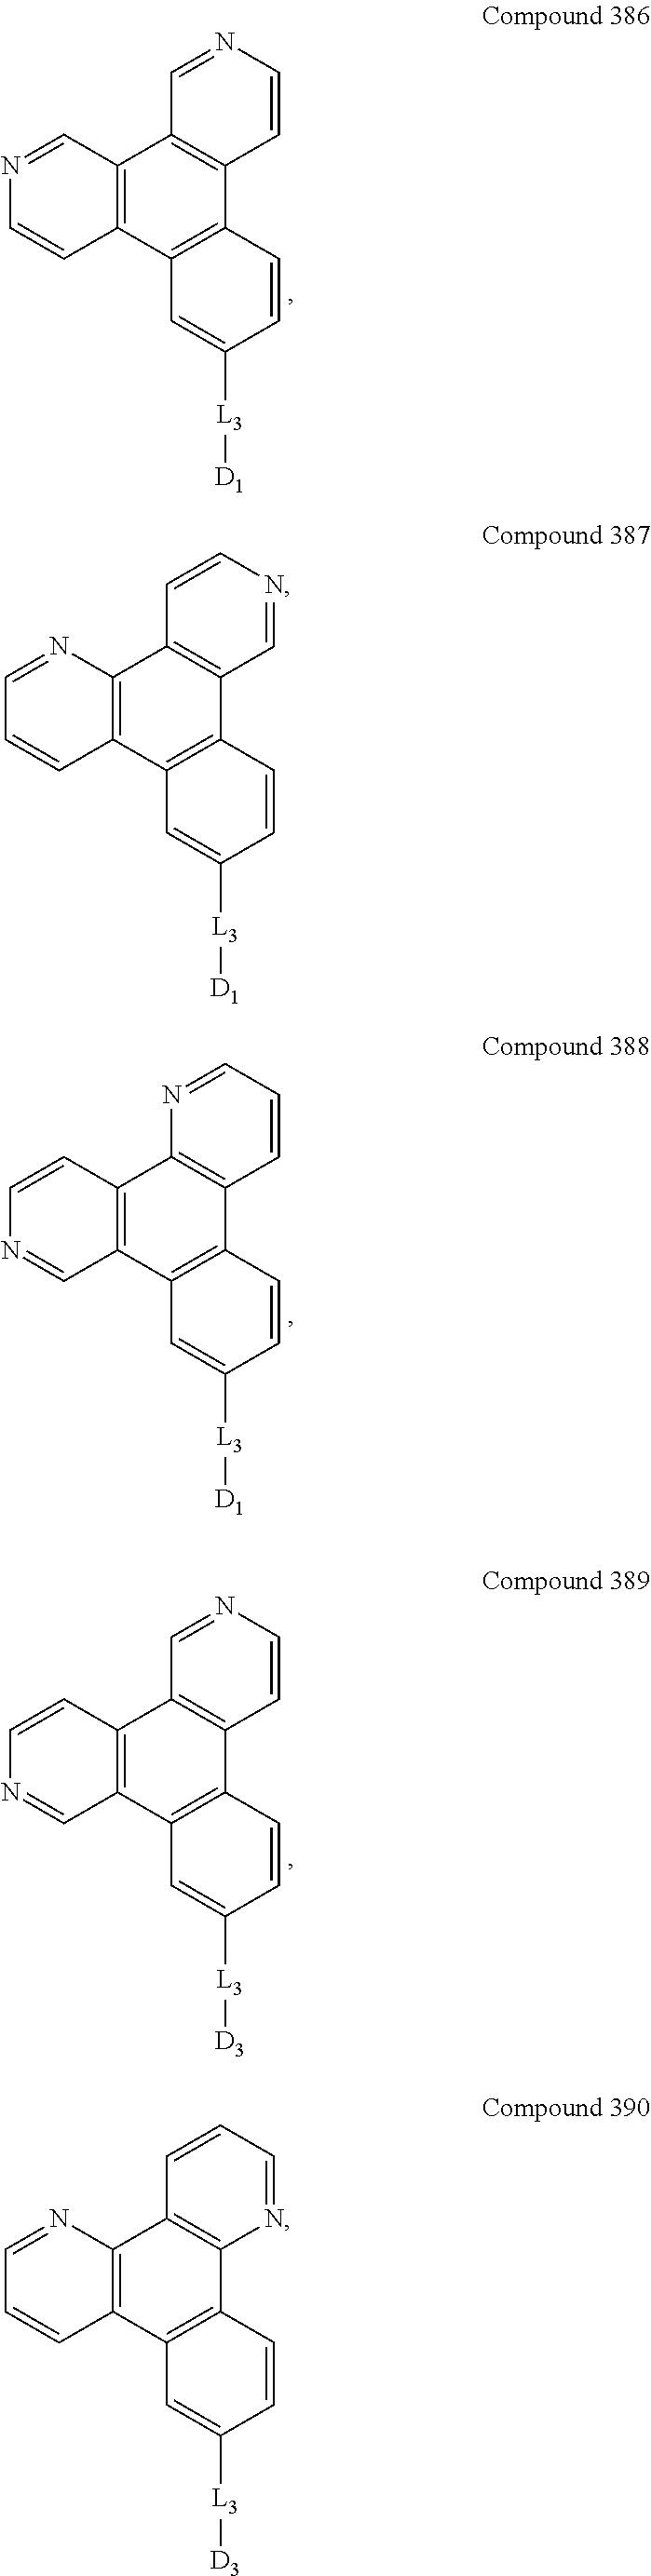 Figure US09537106-20170103-C00233